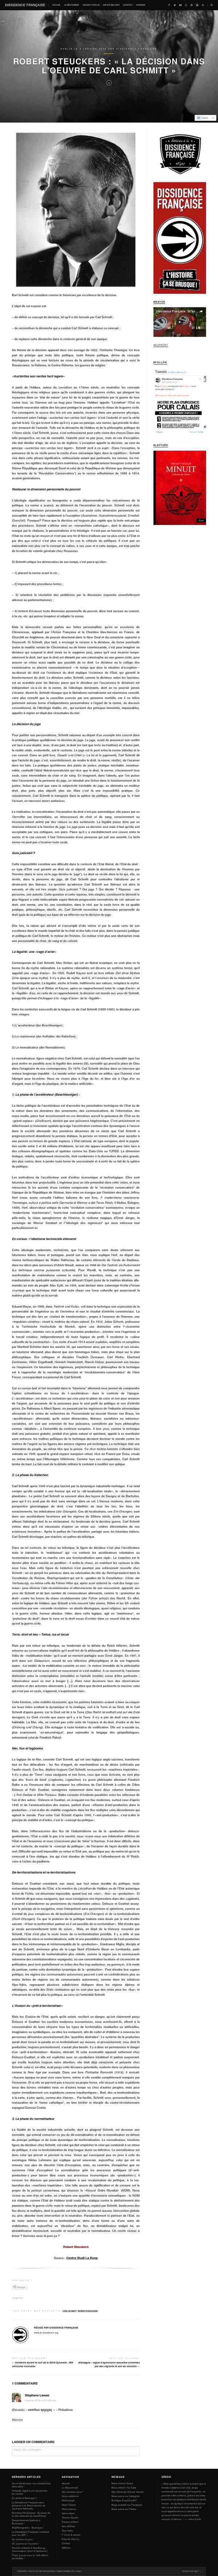 la-dissidence.org/2016/01/05/robert-steuckers-la-decision-dans-loeuvre-de-carl-schmitt/